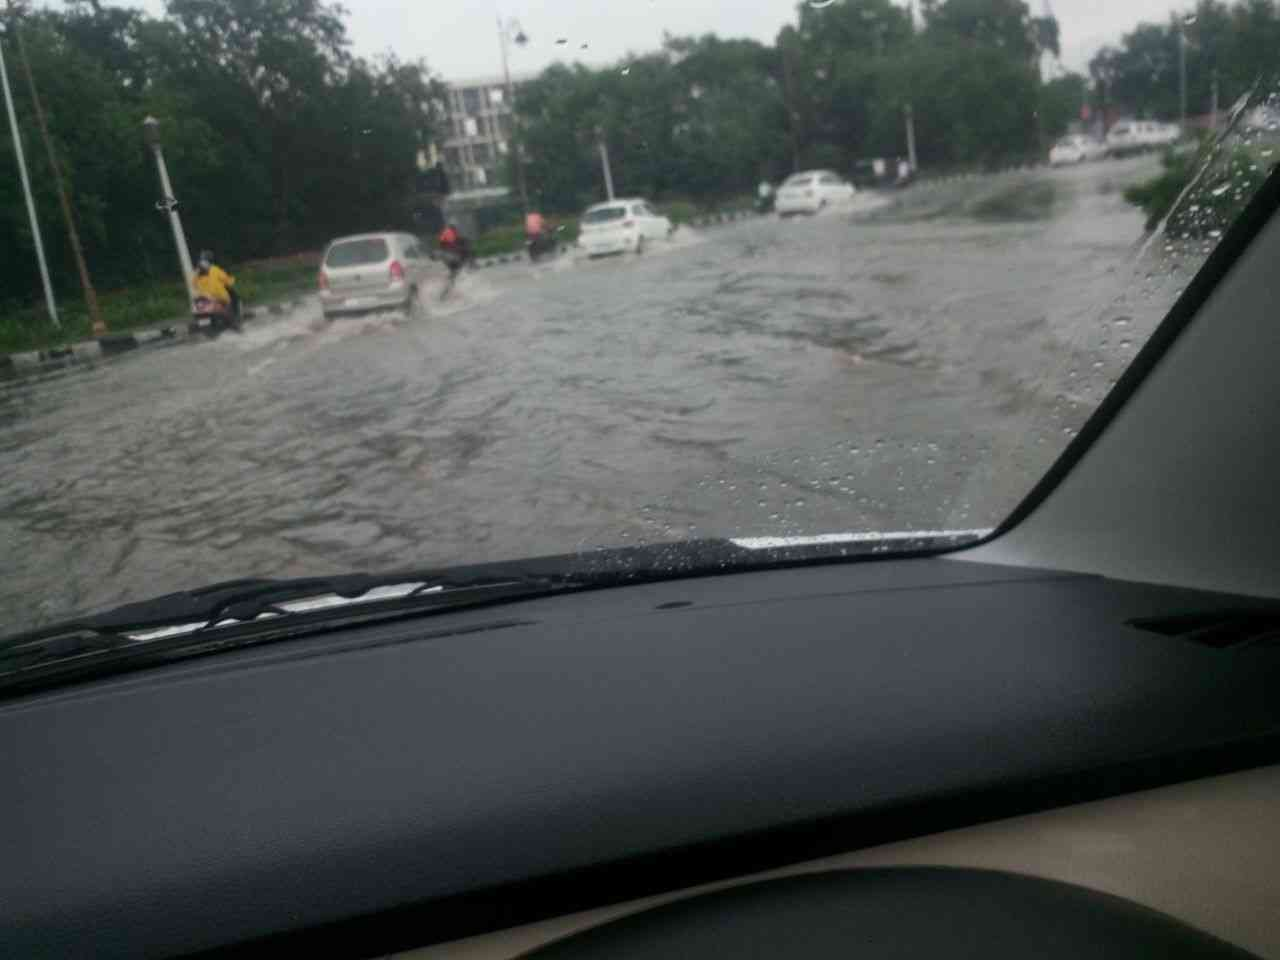 #heavyrain #statuecircle #jaipur #rajasthan